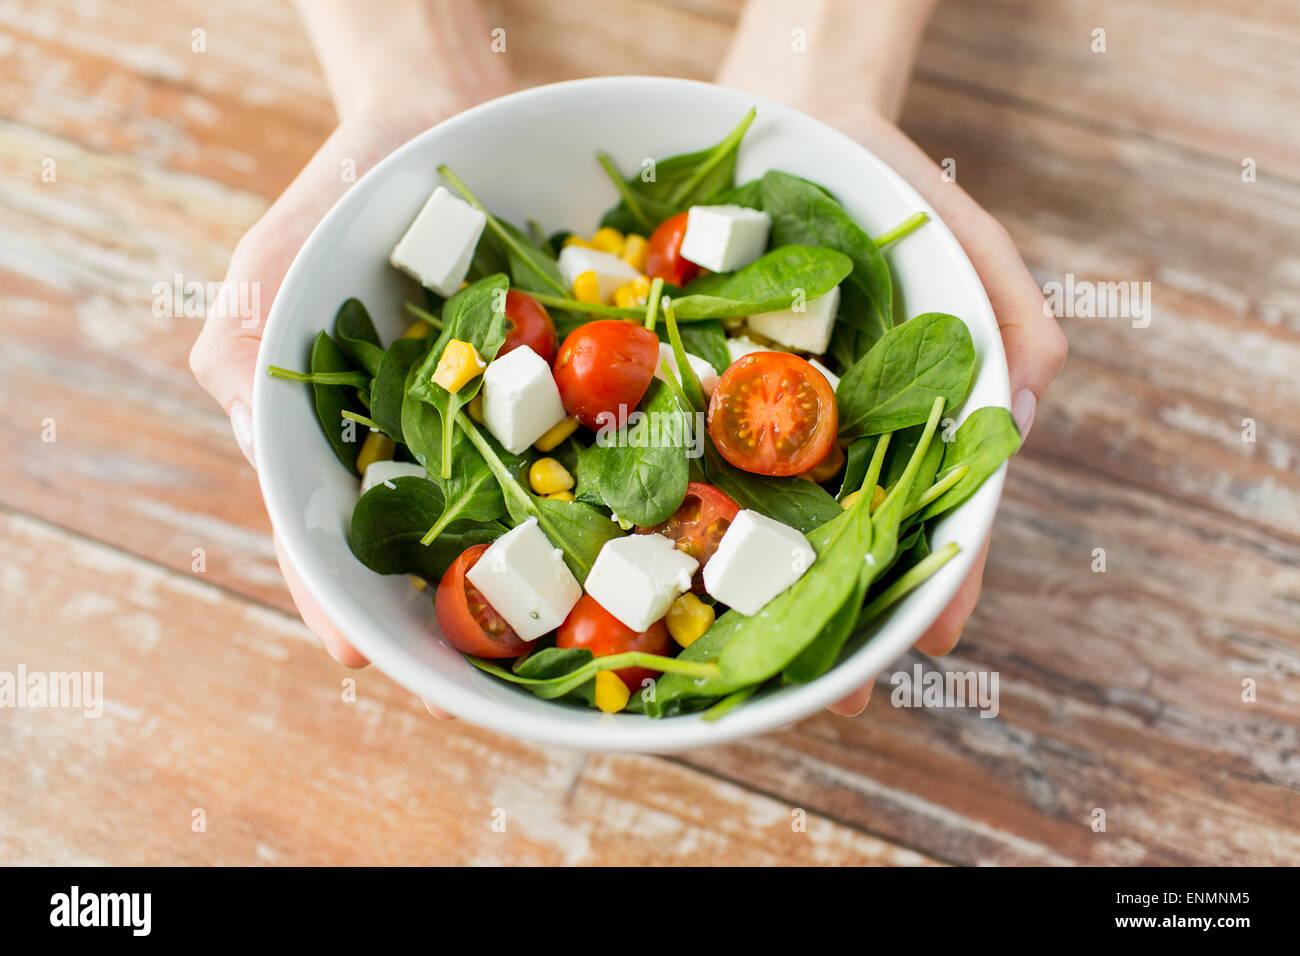 Nahaufnahme von junge Frau Hände zeigen Salatschüssel Stockbild